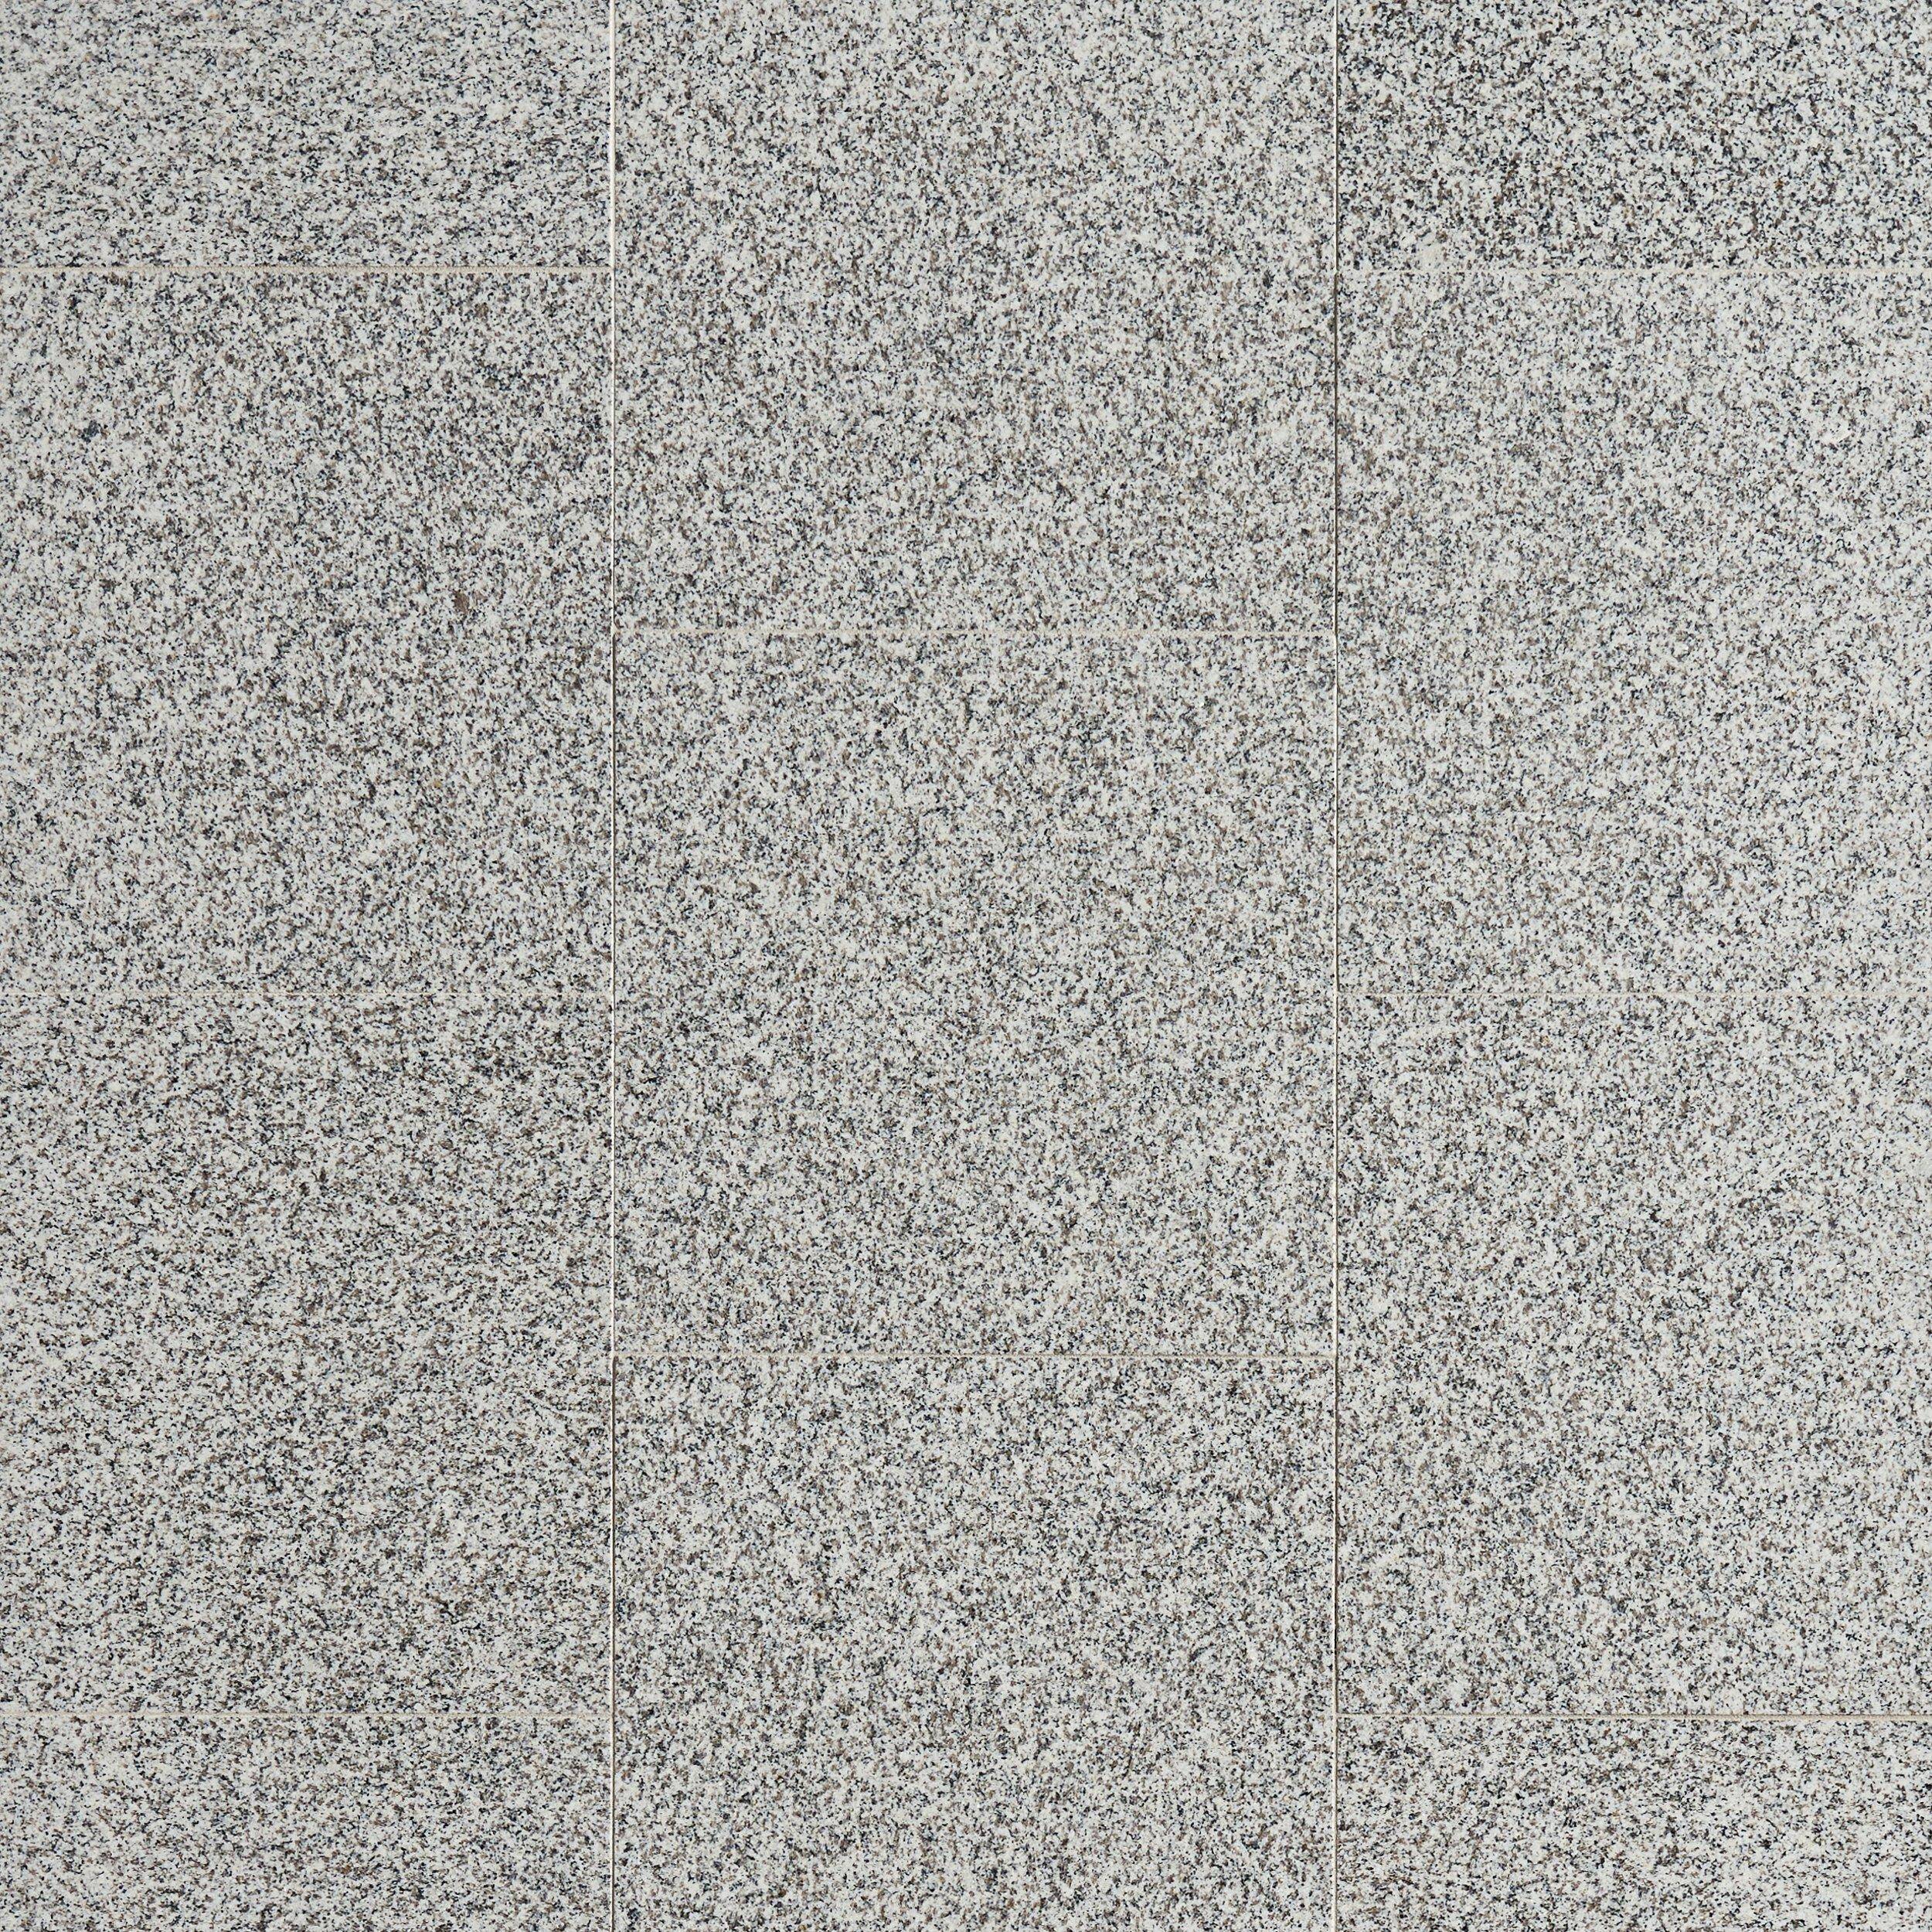 Granite Tile Floor Decor